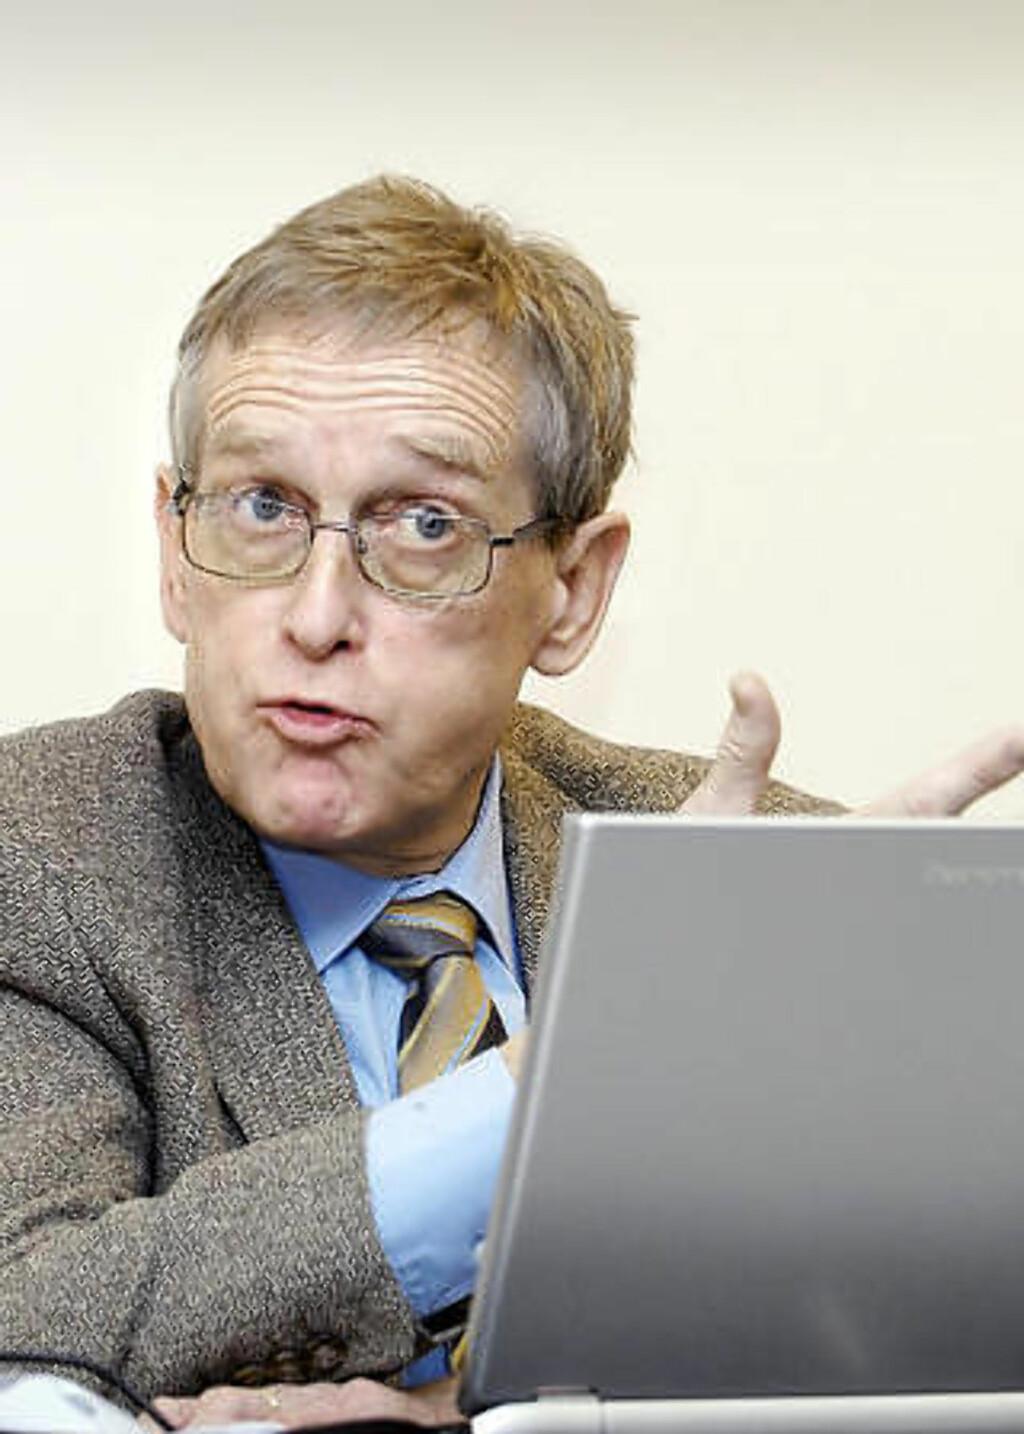 BEKYMRET: Helsetilsynets direktør Lars E. Hanssen er overrasket over funnene i kontrollen. Foto: JOHN T. PEDERSEN